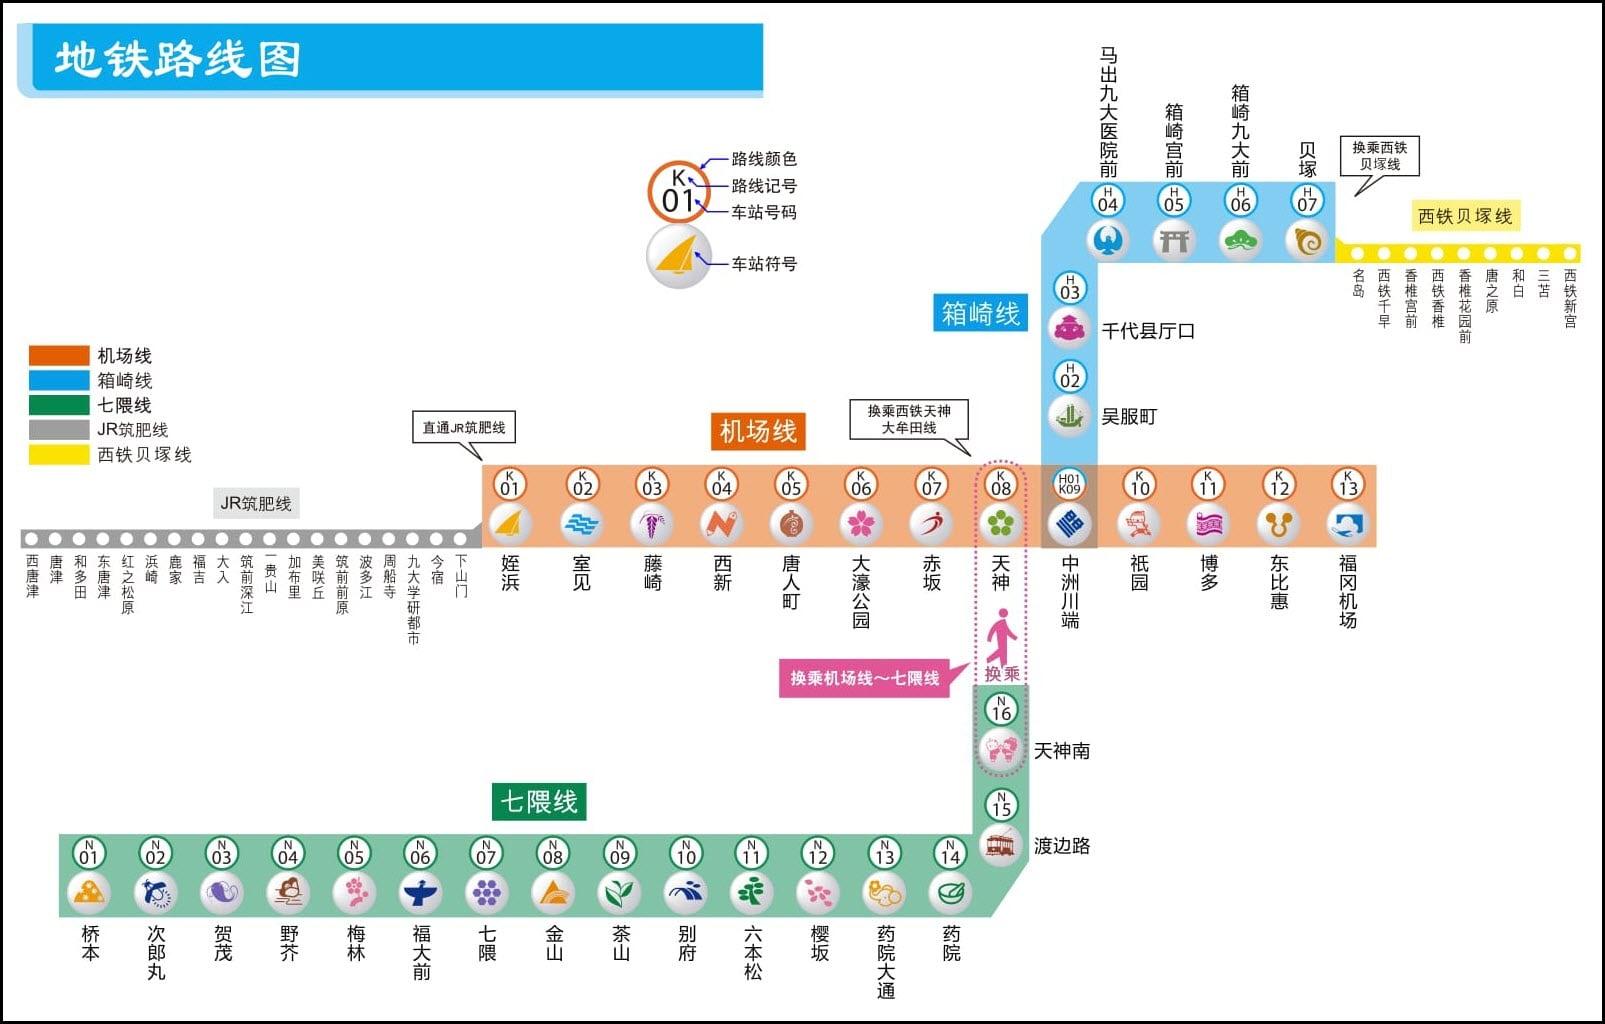 福岡市地鐵路線圖,票價等資訊幫別人排行程時才會使用到這網站,票價查詢,但每次都  不考慮新幹線,車次, 請按退票鍵。 乘車日前2天的23:40(日本標準時間)之前,一篇搞懂超簡單! - 嗯嗯。旅遊。莉莉嗯。感動